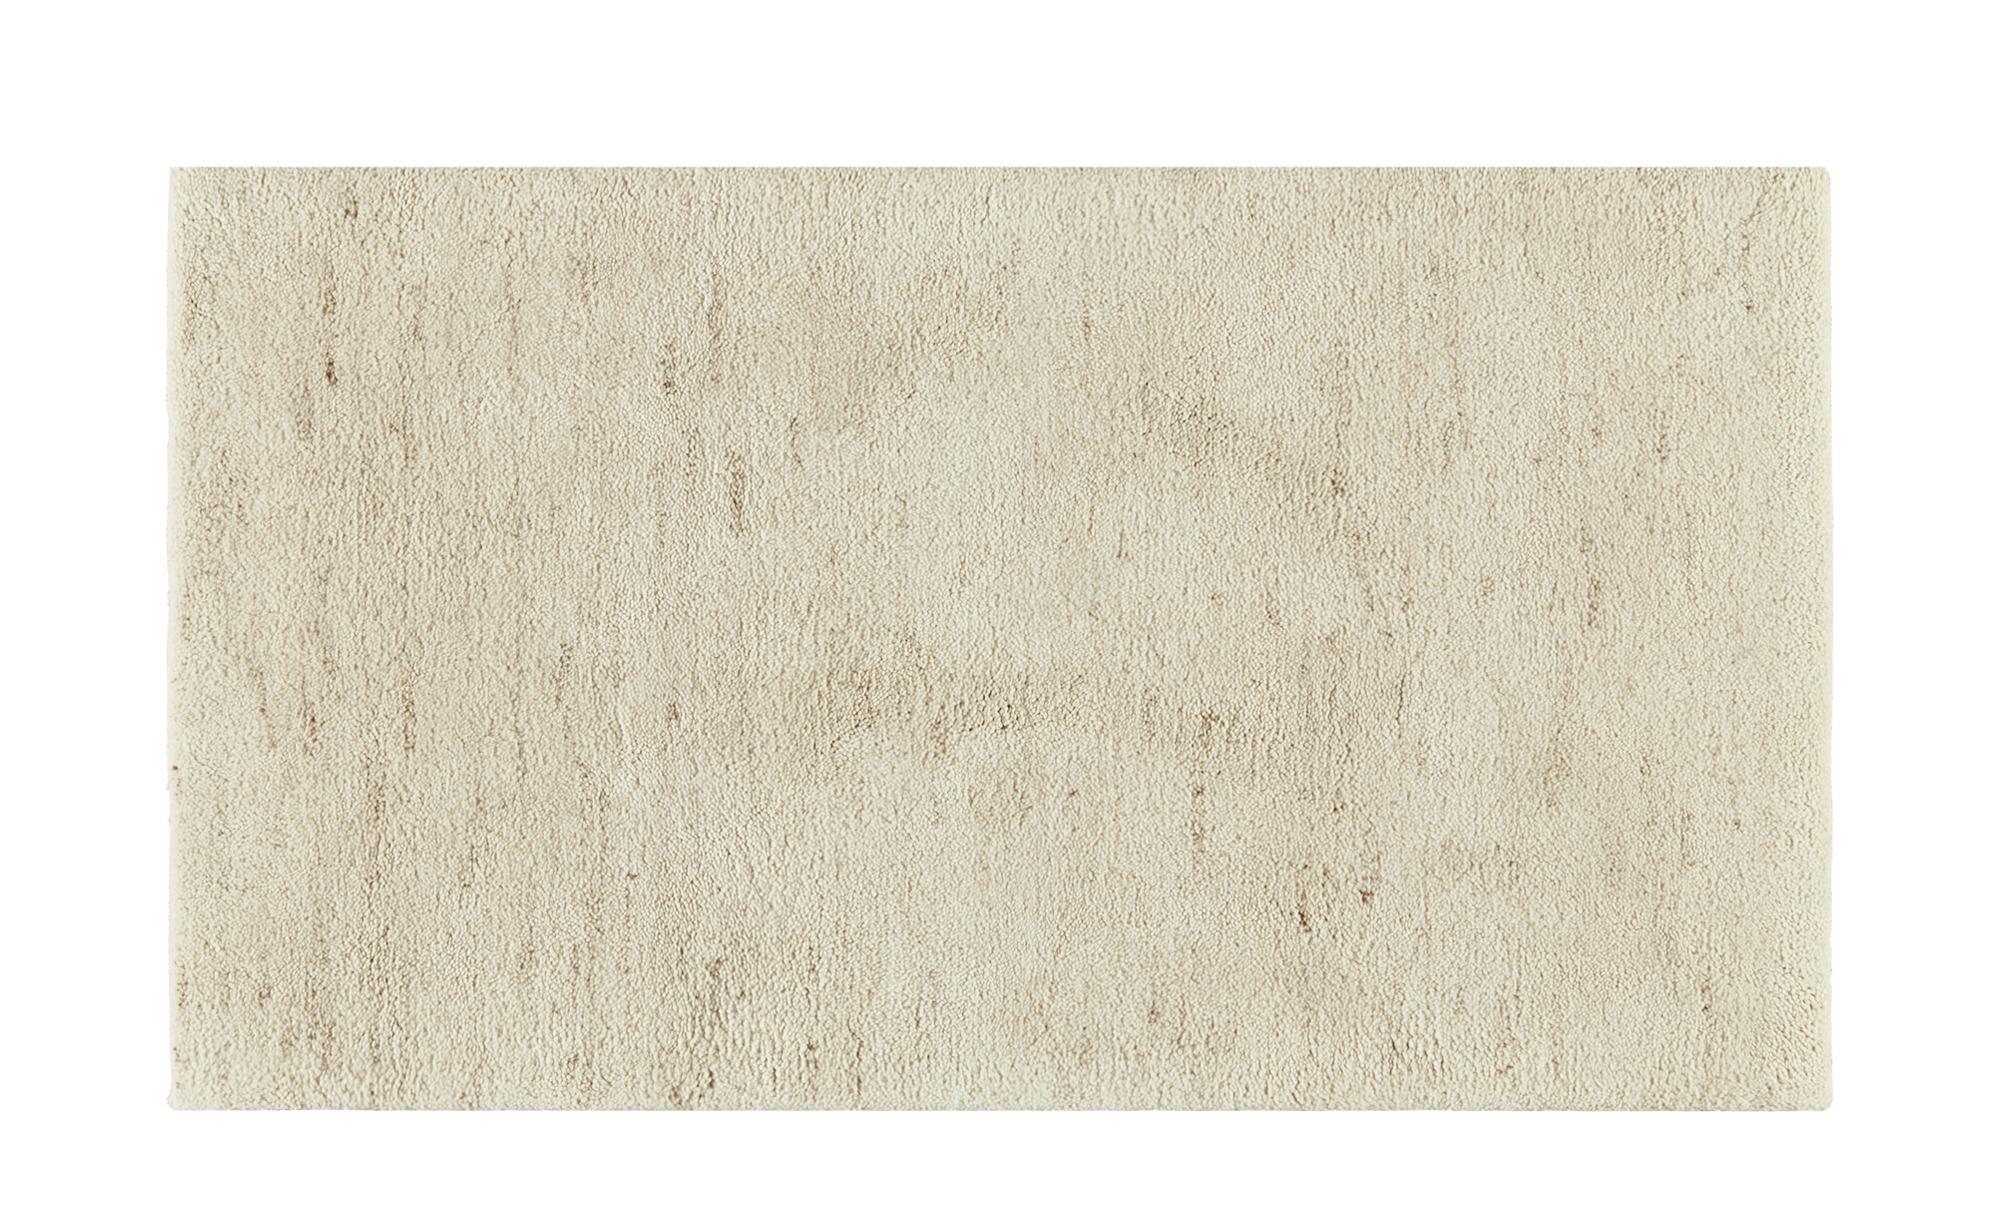 Berber-Teppich - creme - 100 % Wolle - 90 cm - Teppiche > Wohnteppiche - Möbel Kraft | Heimtextilien > Teppiche > Berberteppiche | Sconto